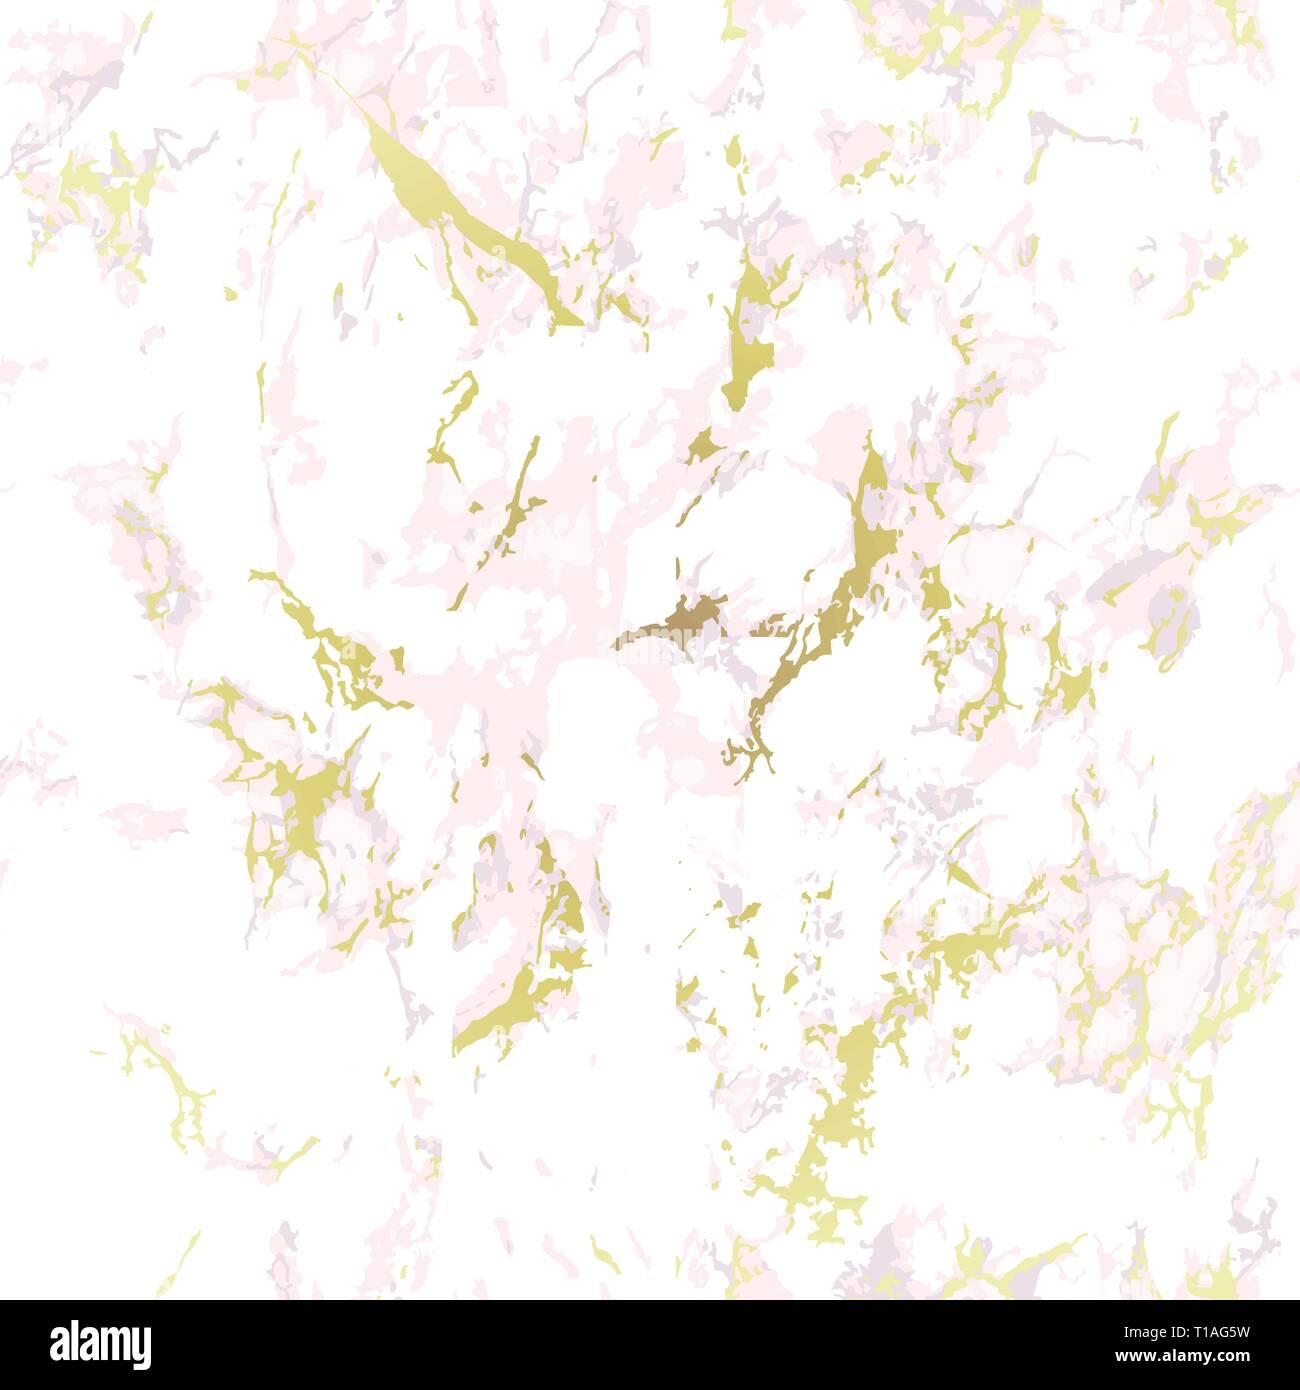 Marmo Rosa E Bianco Immagini Marmo Rosa E Bianco Fotos Stock Alamy